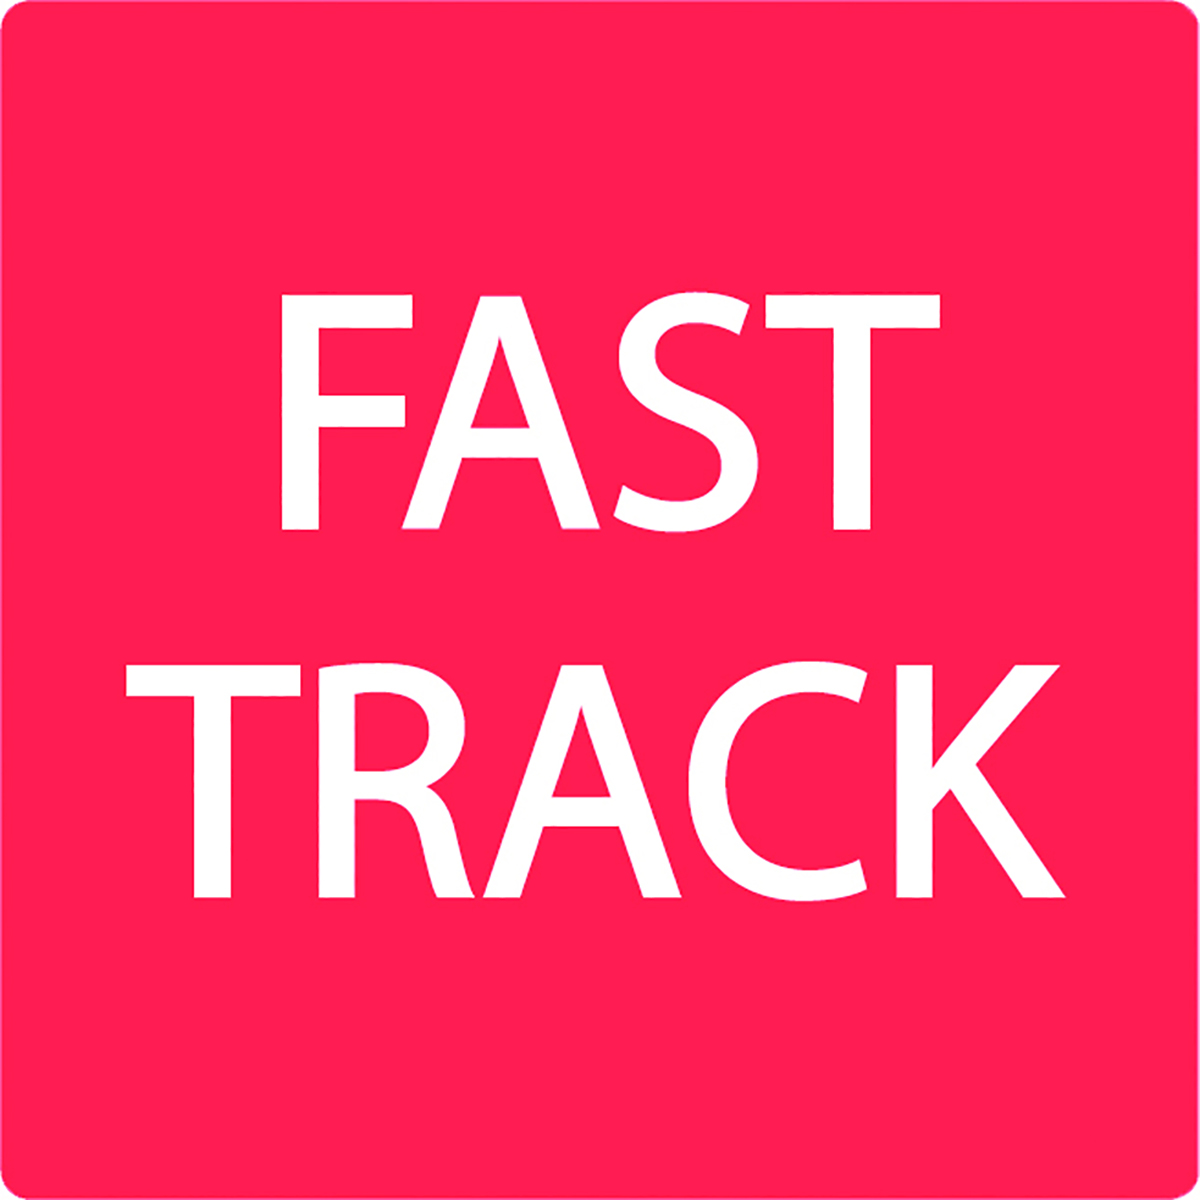 Fast Track Alert Label  Image